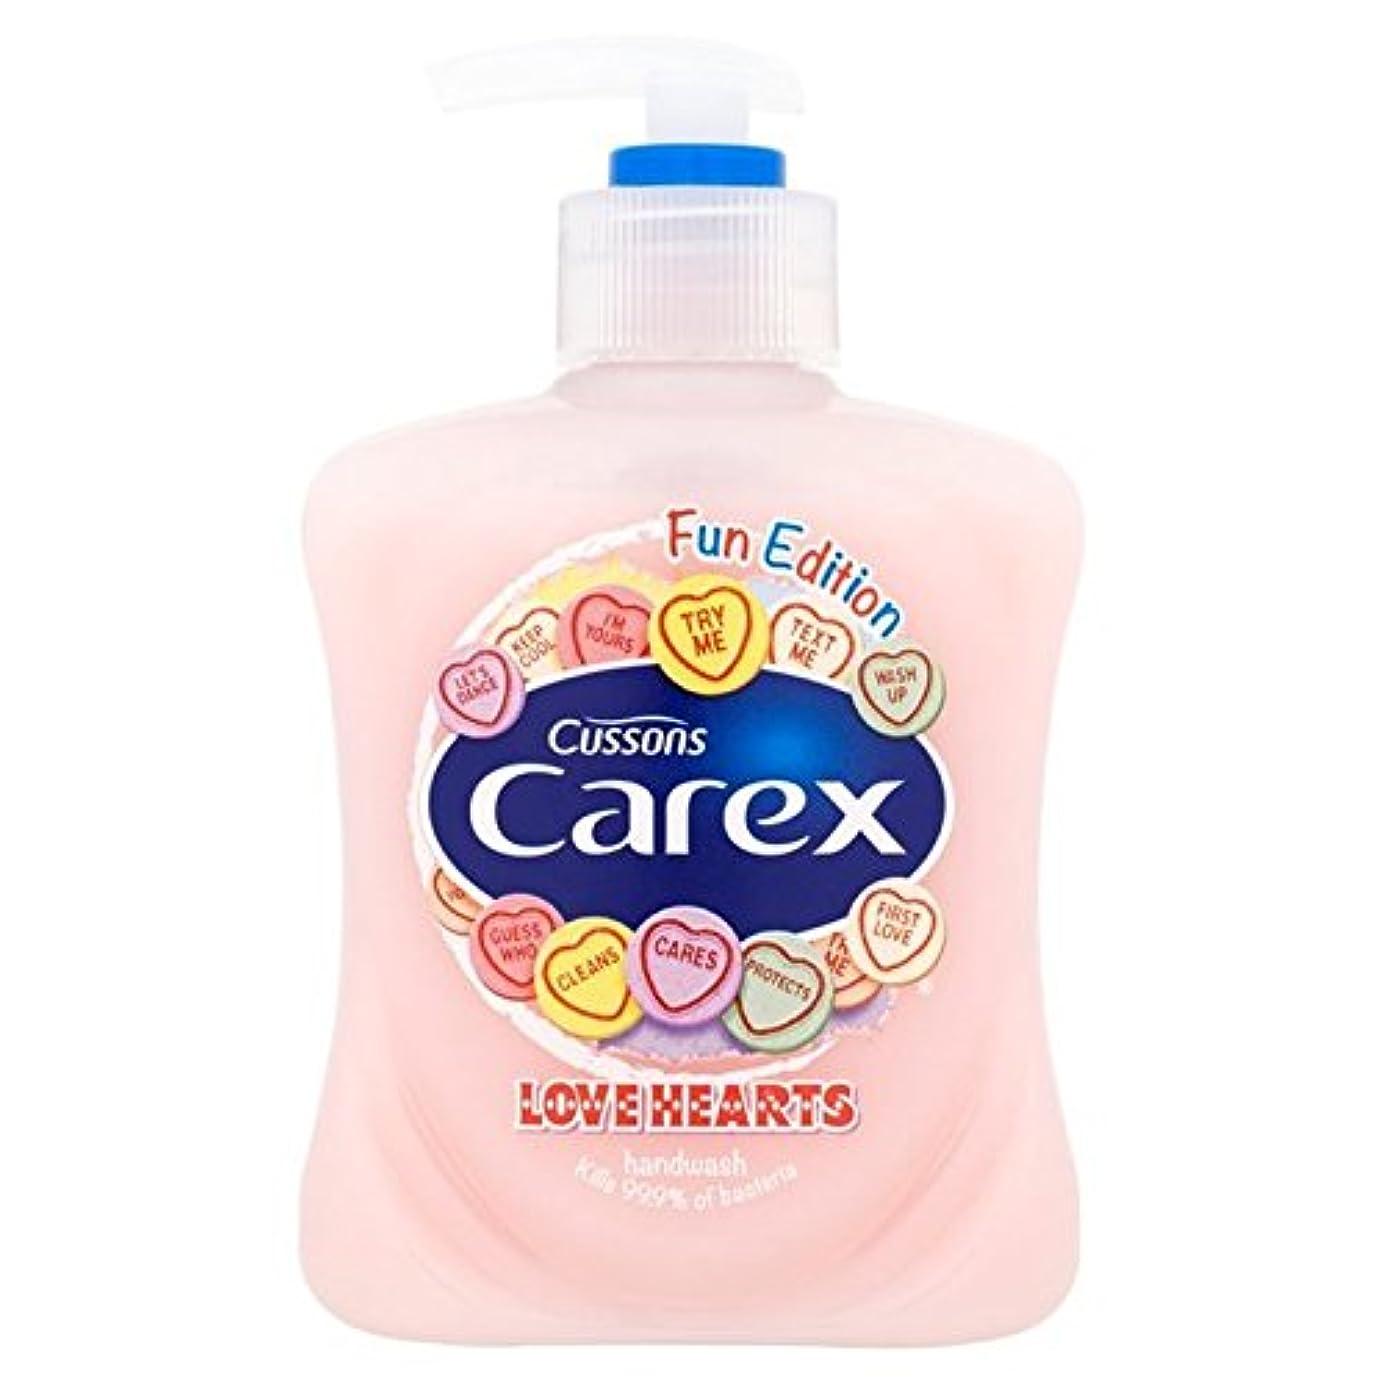 隠す戻る炎上Carex Fun Edition Love Hearts Hand Wash 250ml - スゲ楽しい版愛の心のハンドウォッシュ250ミリリットル [並行輸入品]